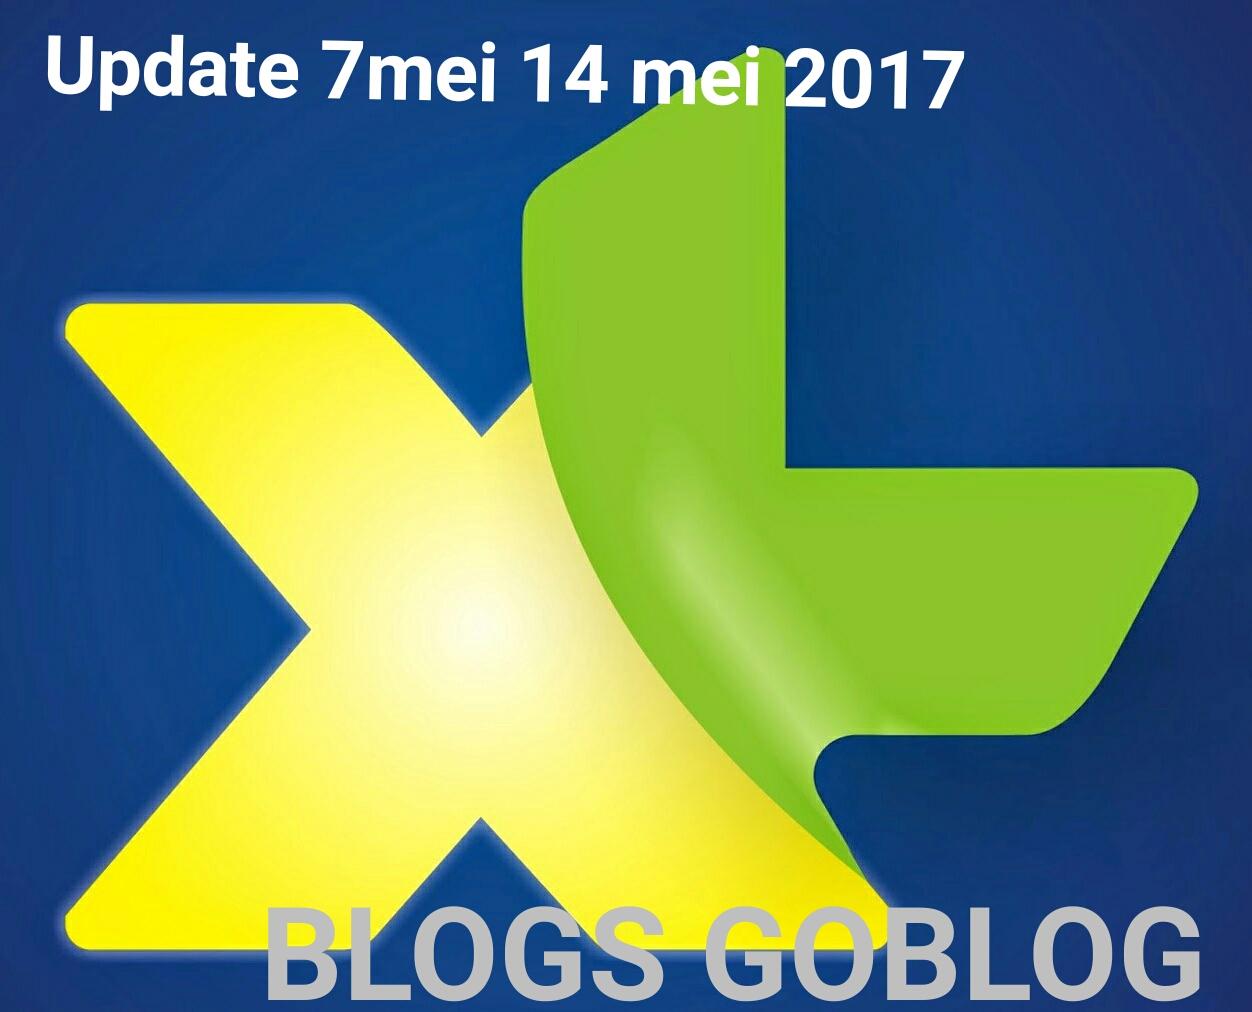 Update Config XL Injector 7 Mei 14 mei 2017 Terbaru